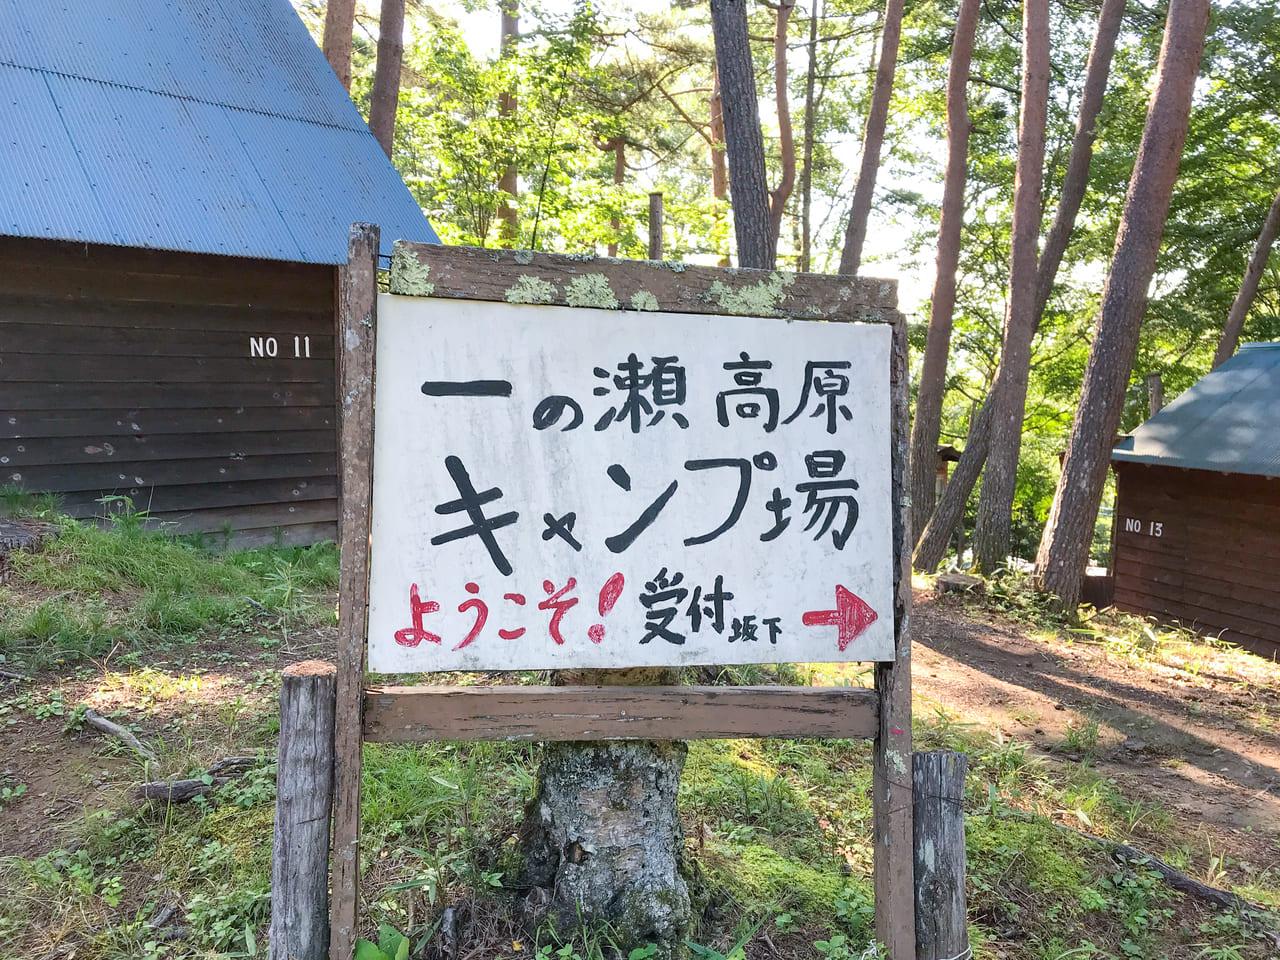 /一の瀬高原キャンプ場の看板